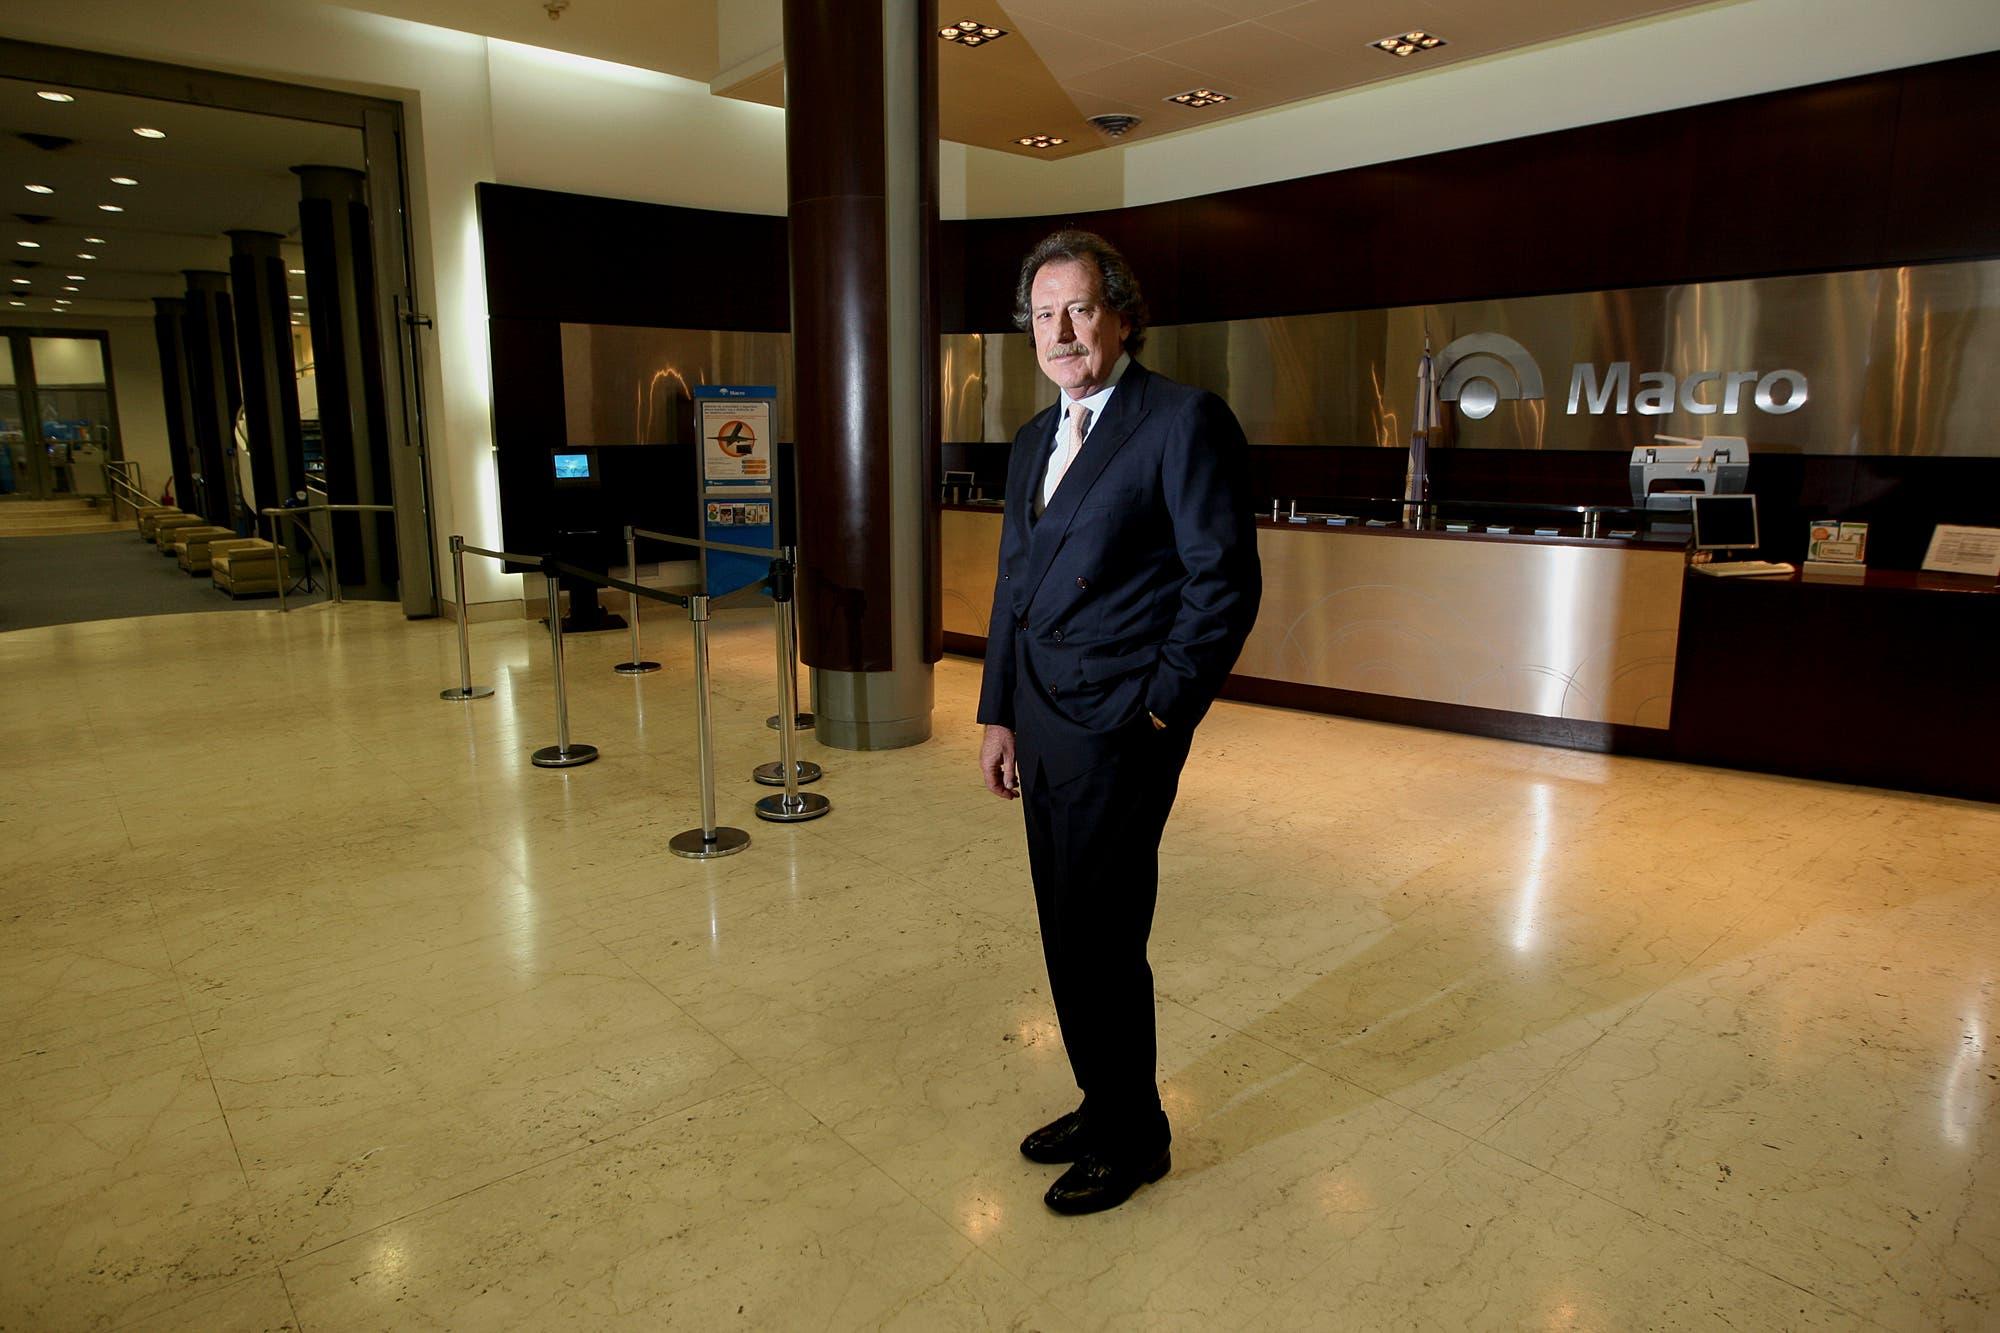 """""""Profundo pesar"""": el comunicado del Banco Macro por la muerte de Jorge Brito"""